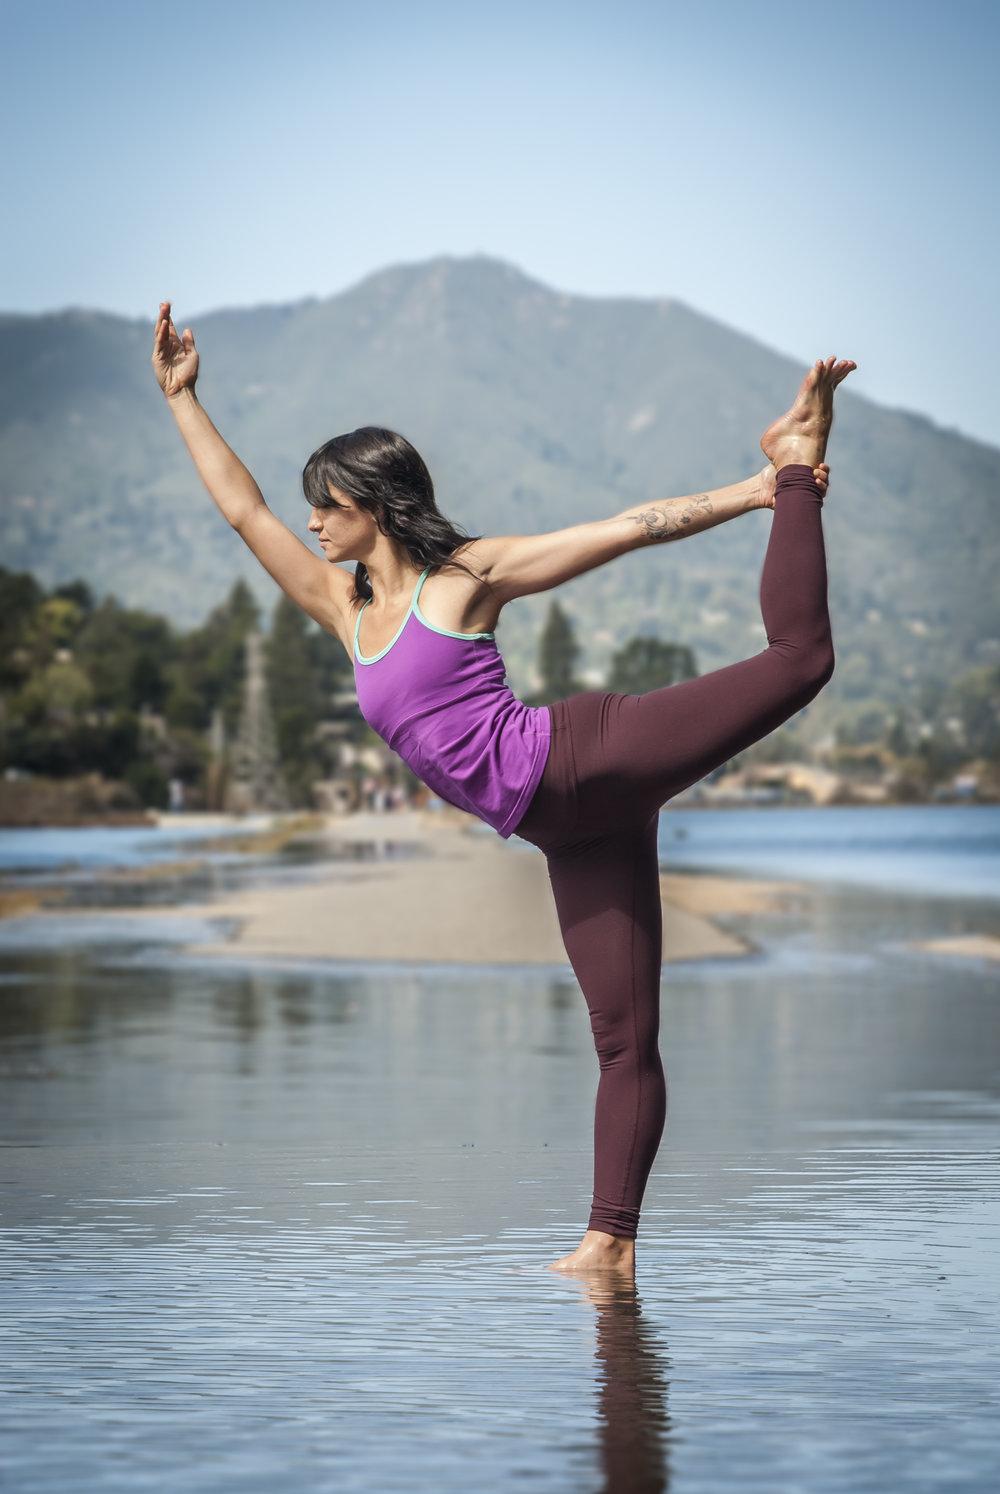 Sara_Hess_Yoga_Samuel_Henderson-2.jpg